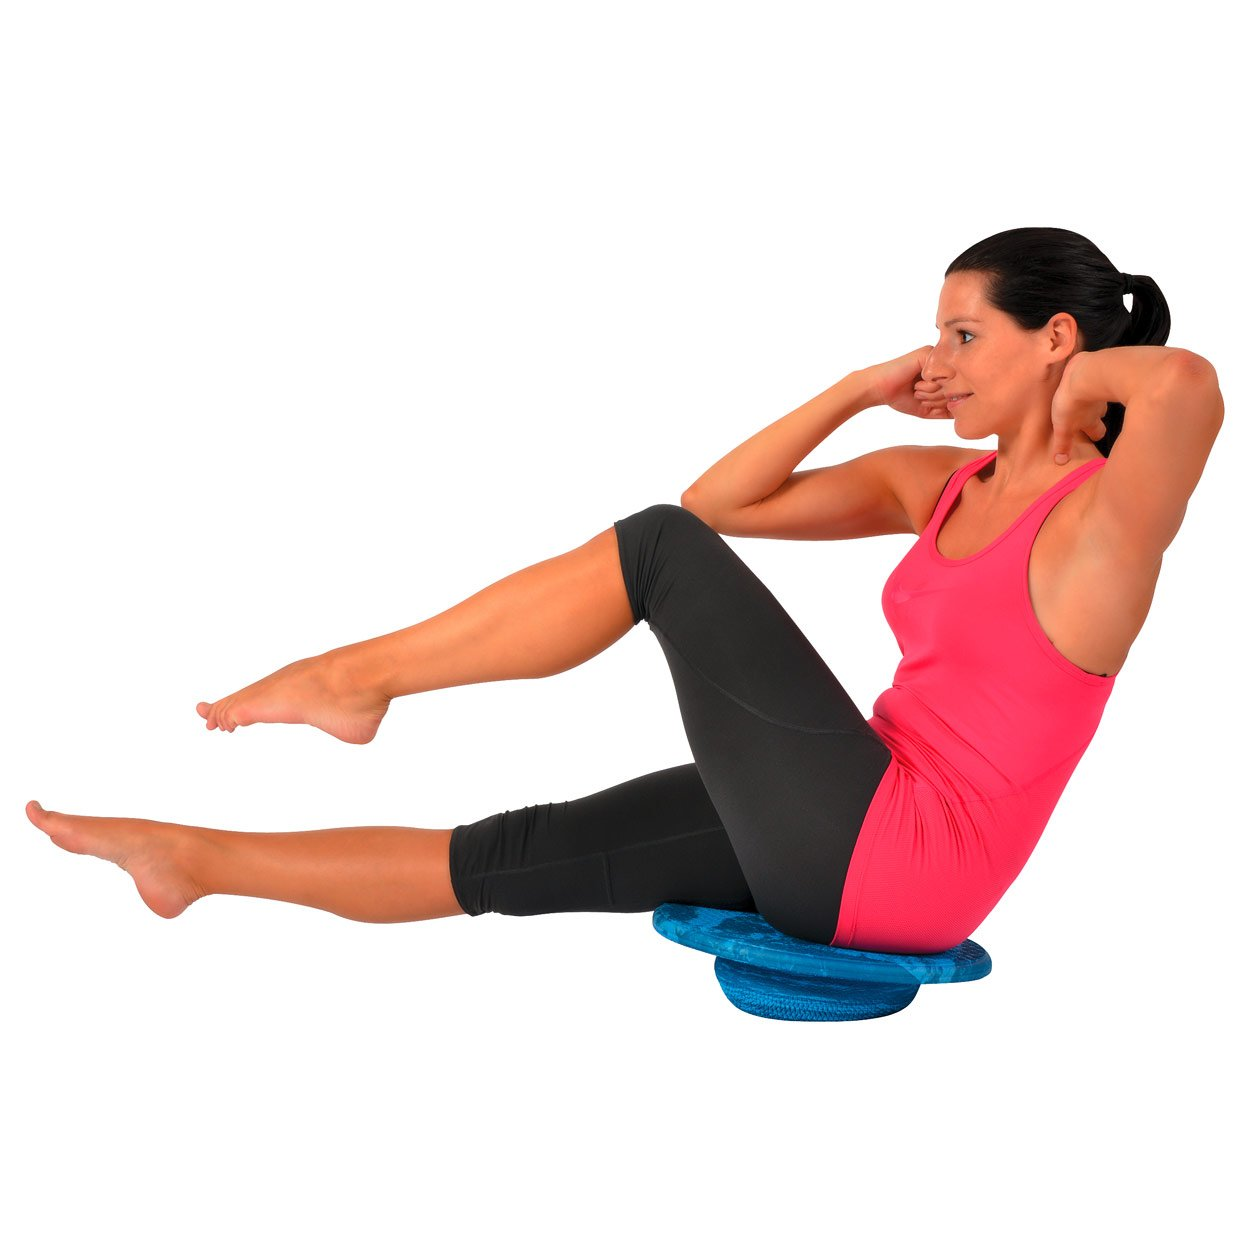 BAMUSTA Circulo Koordinationstrainer Balancetrainer Gleichgewichtstrainer 39x9cm